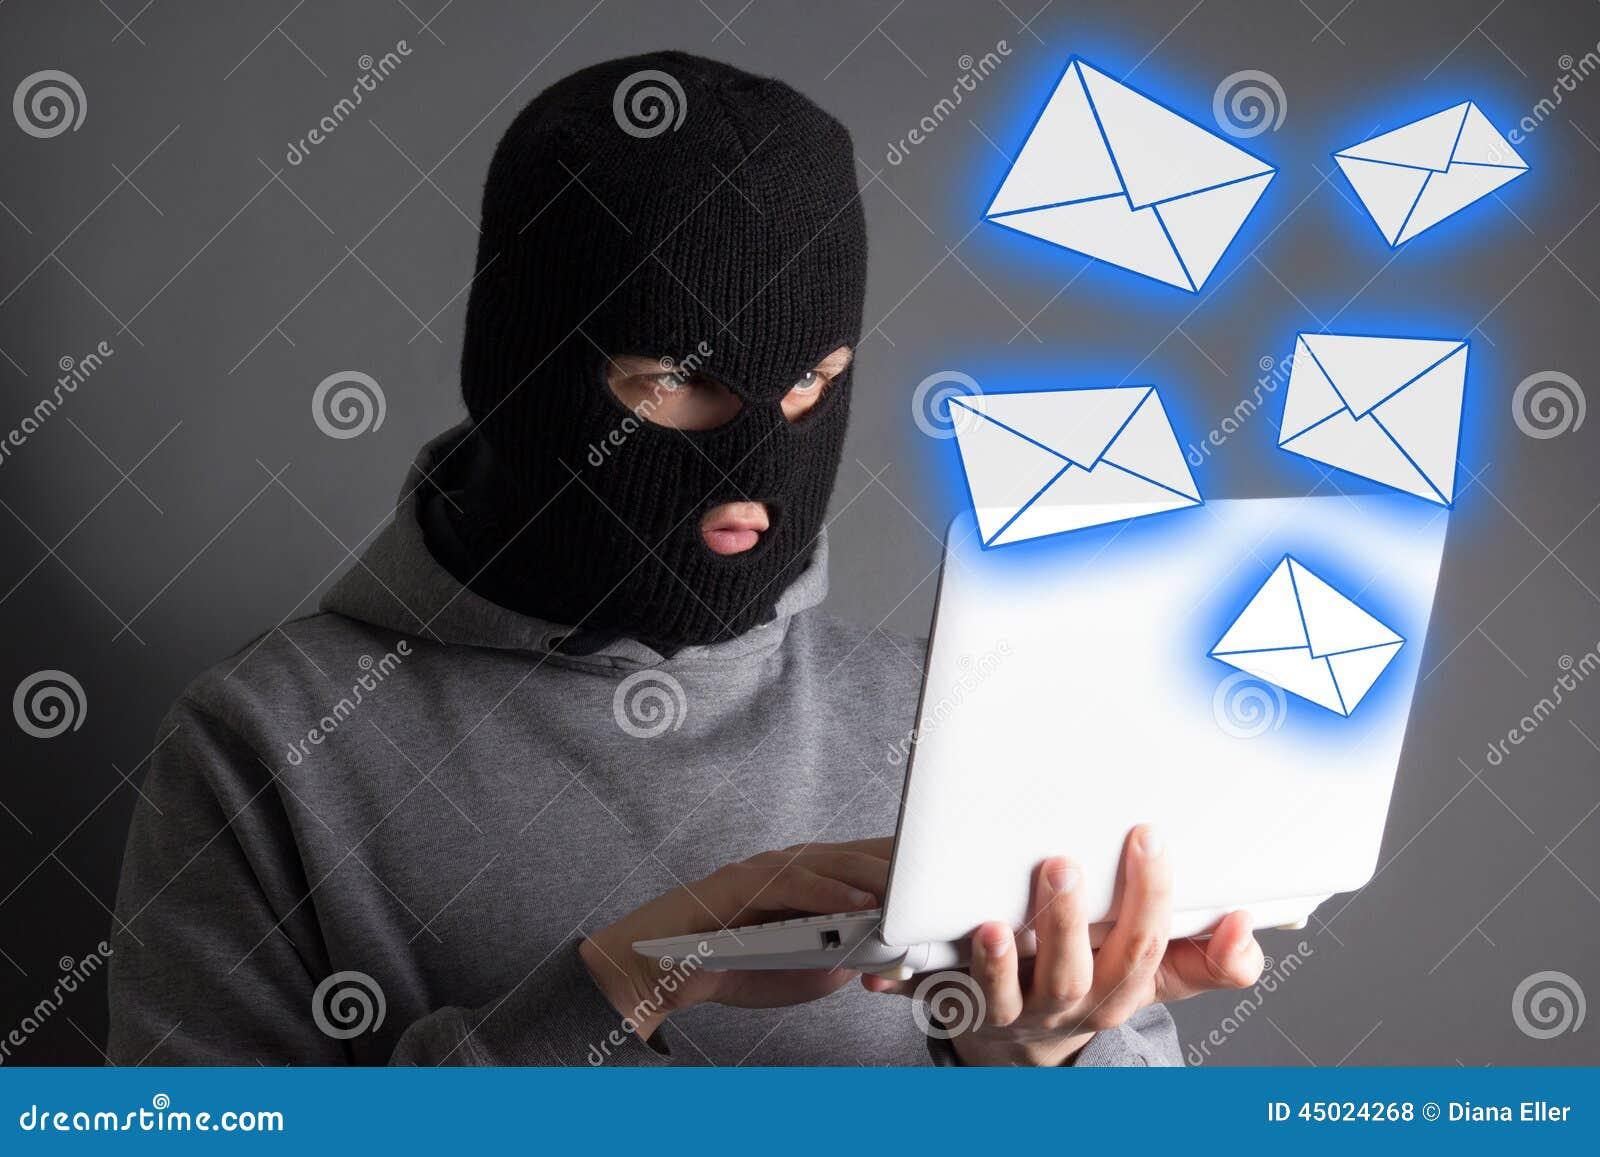 窃取从膝上型计算机的数据或传送垃圾短信信息的黑客